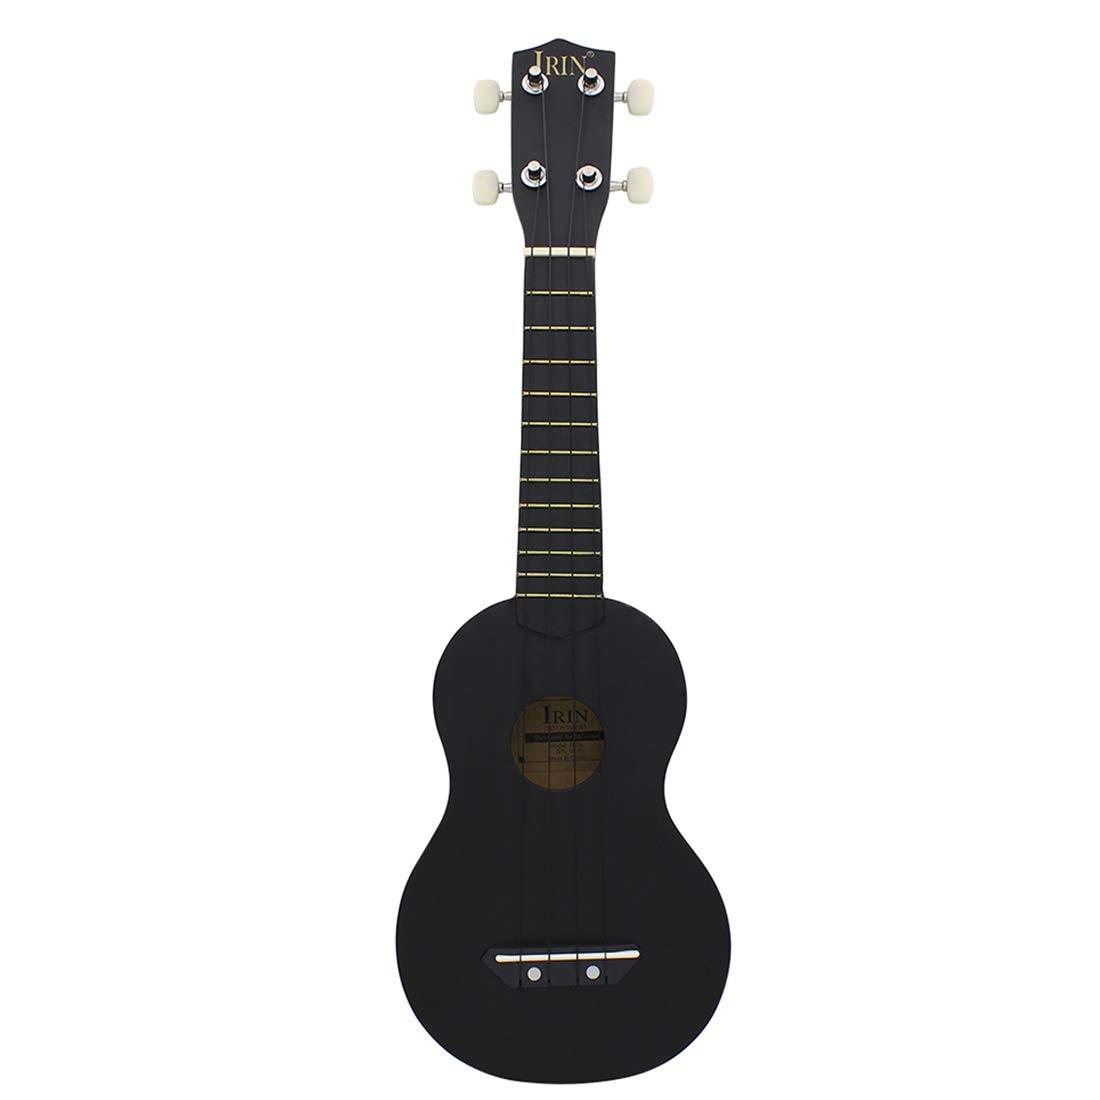 LVPY Guitare Jouet - 21 Pouces Guitare Enfant en Bois - 4 Cordes Istrument de Musique pour Guitare Débutant, Couleur: Orange